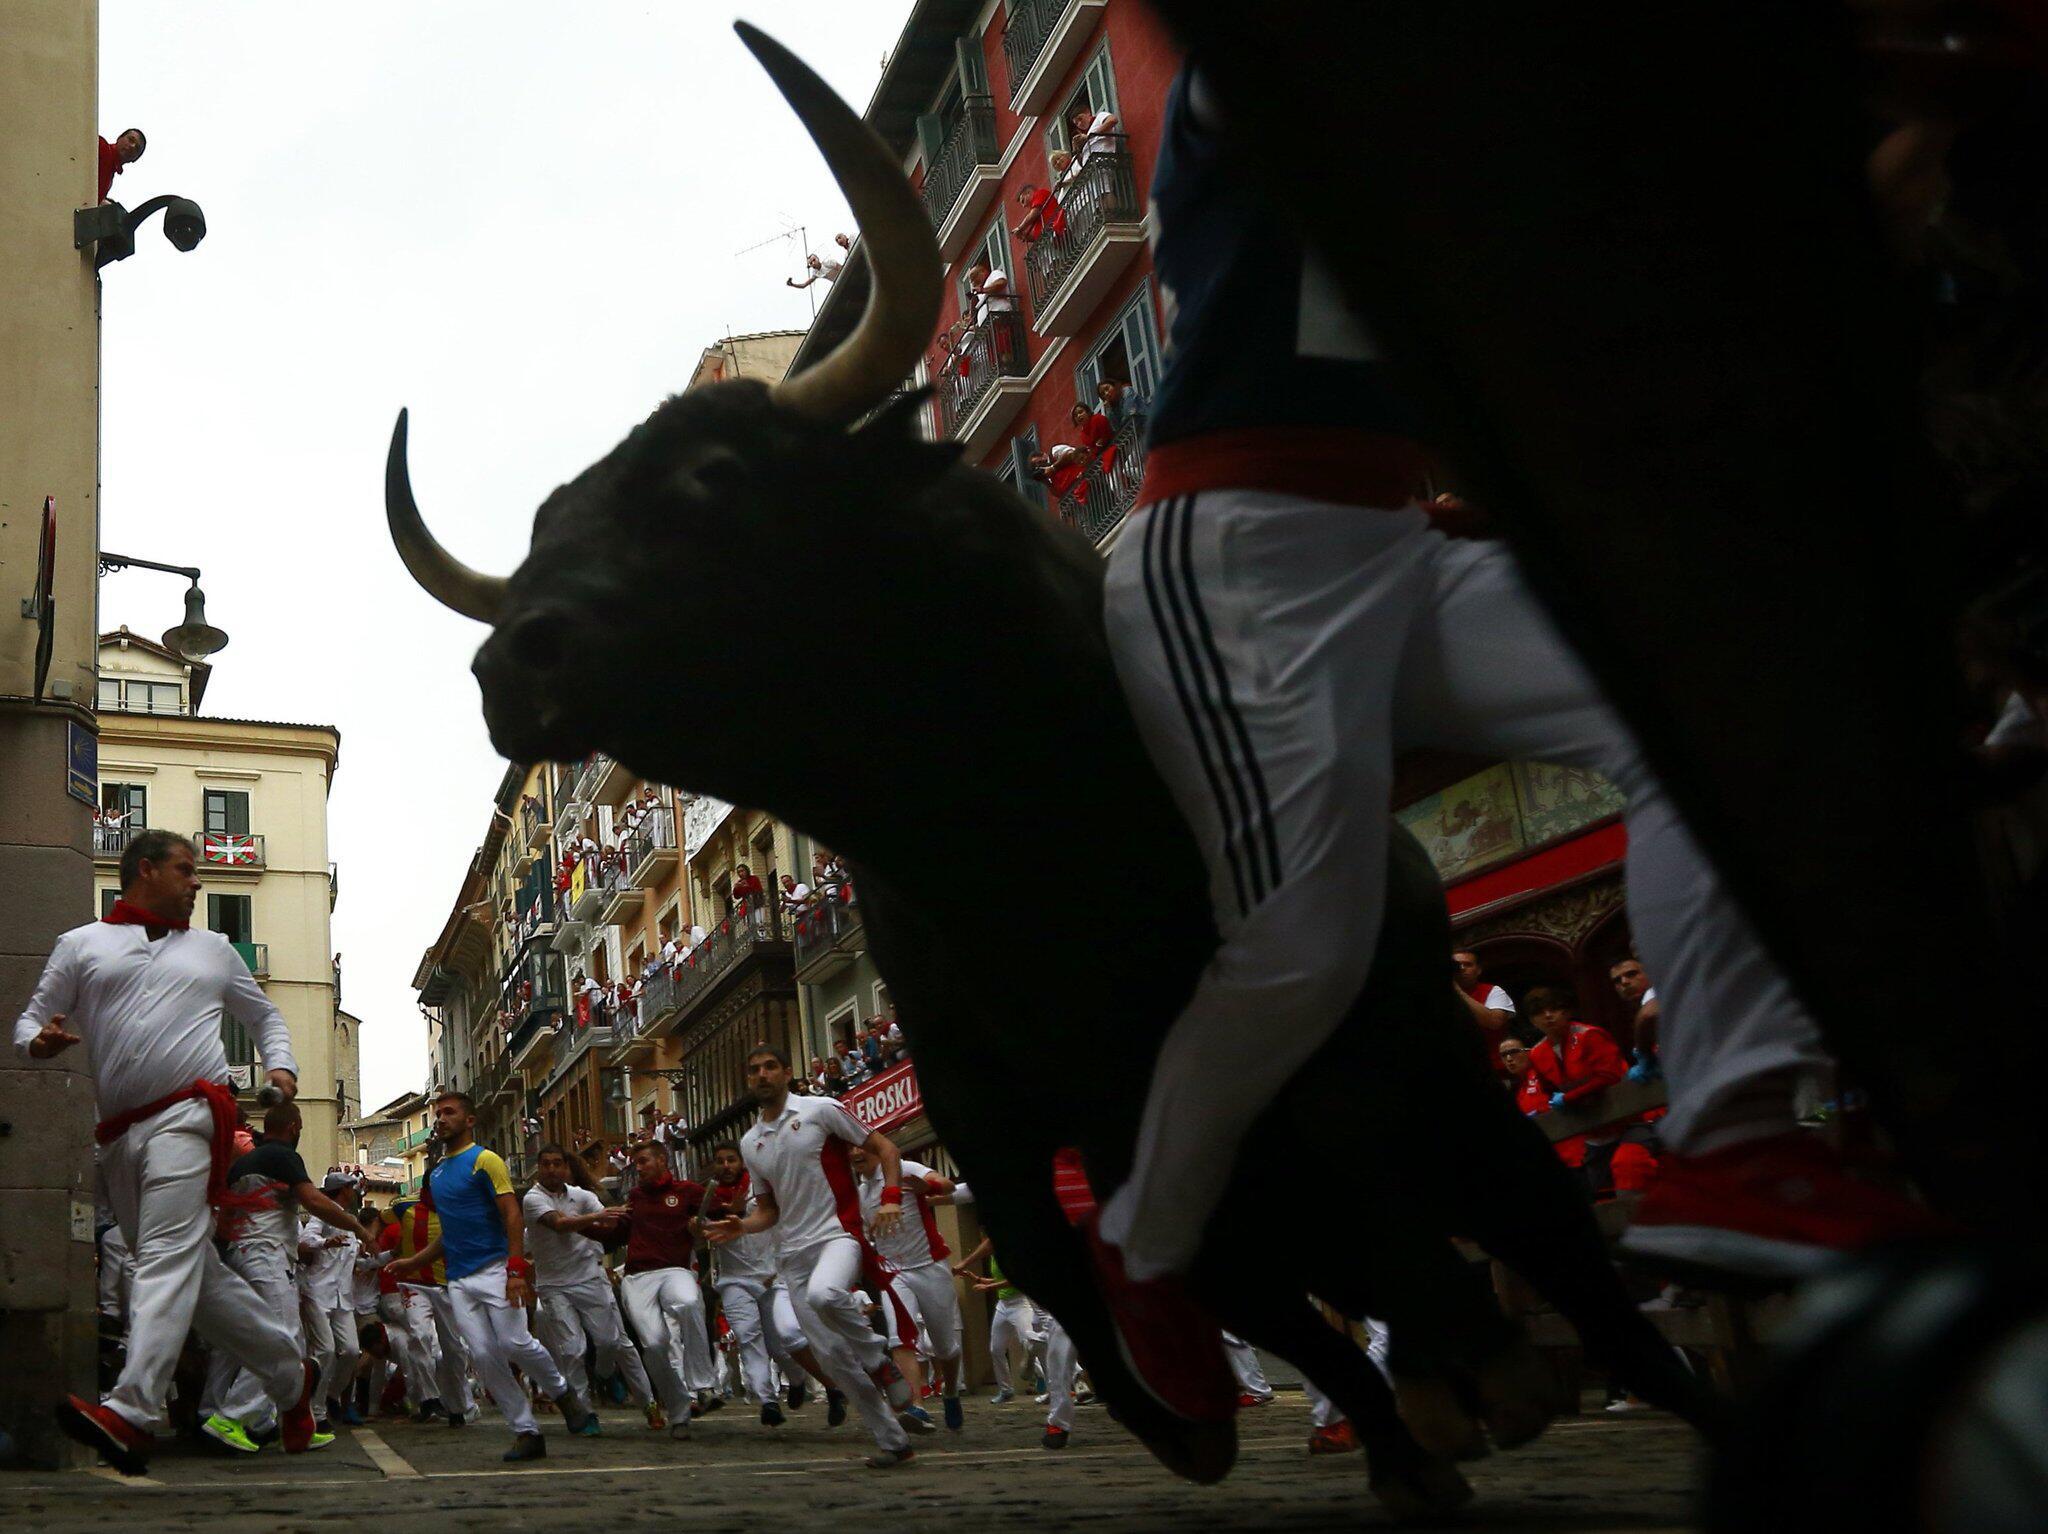 Bild zu Stierhatz in Pamplona